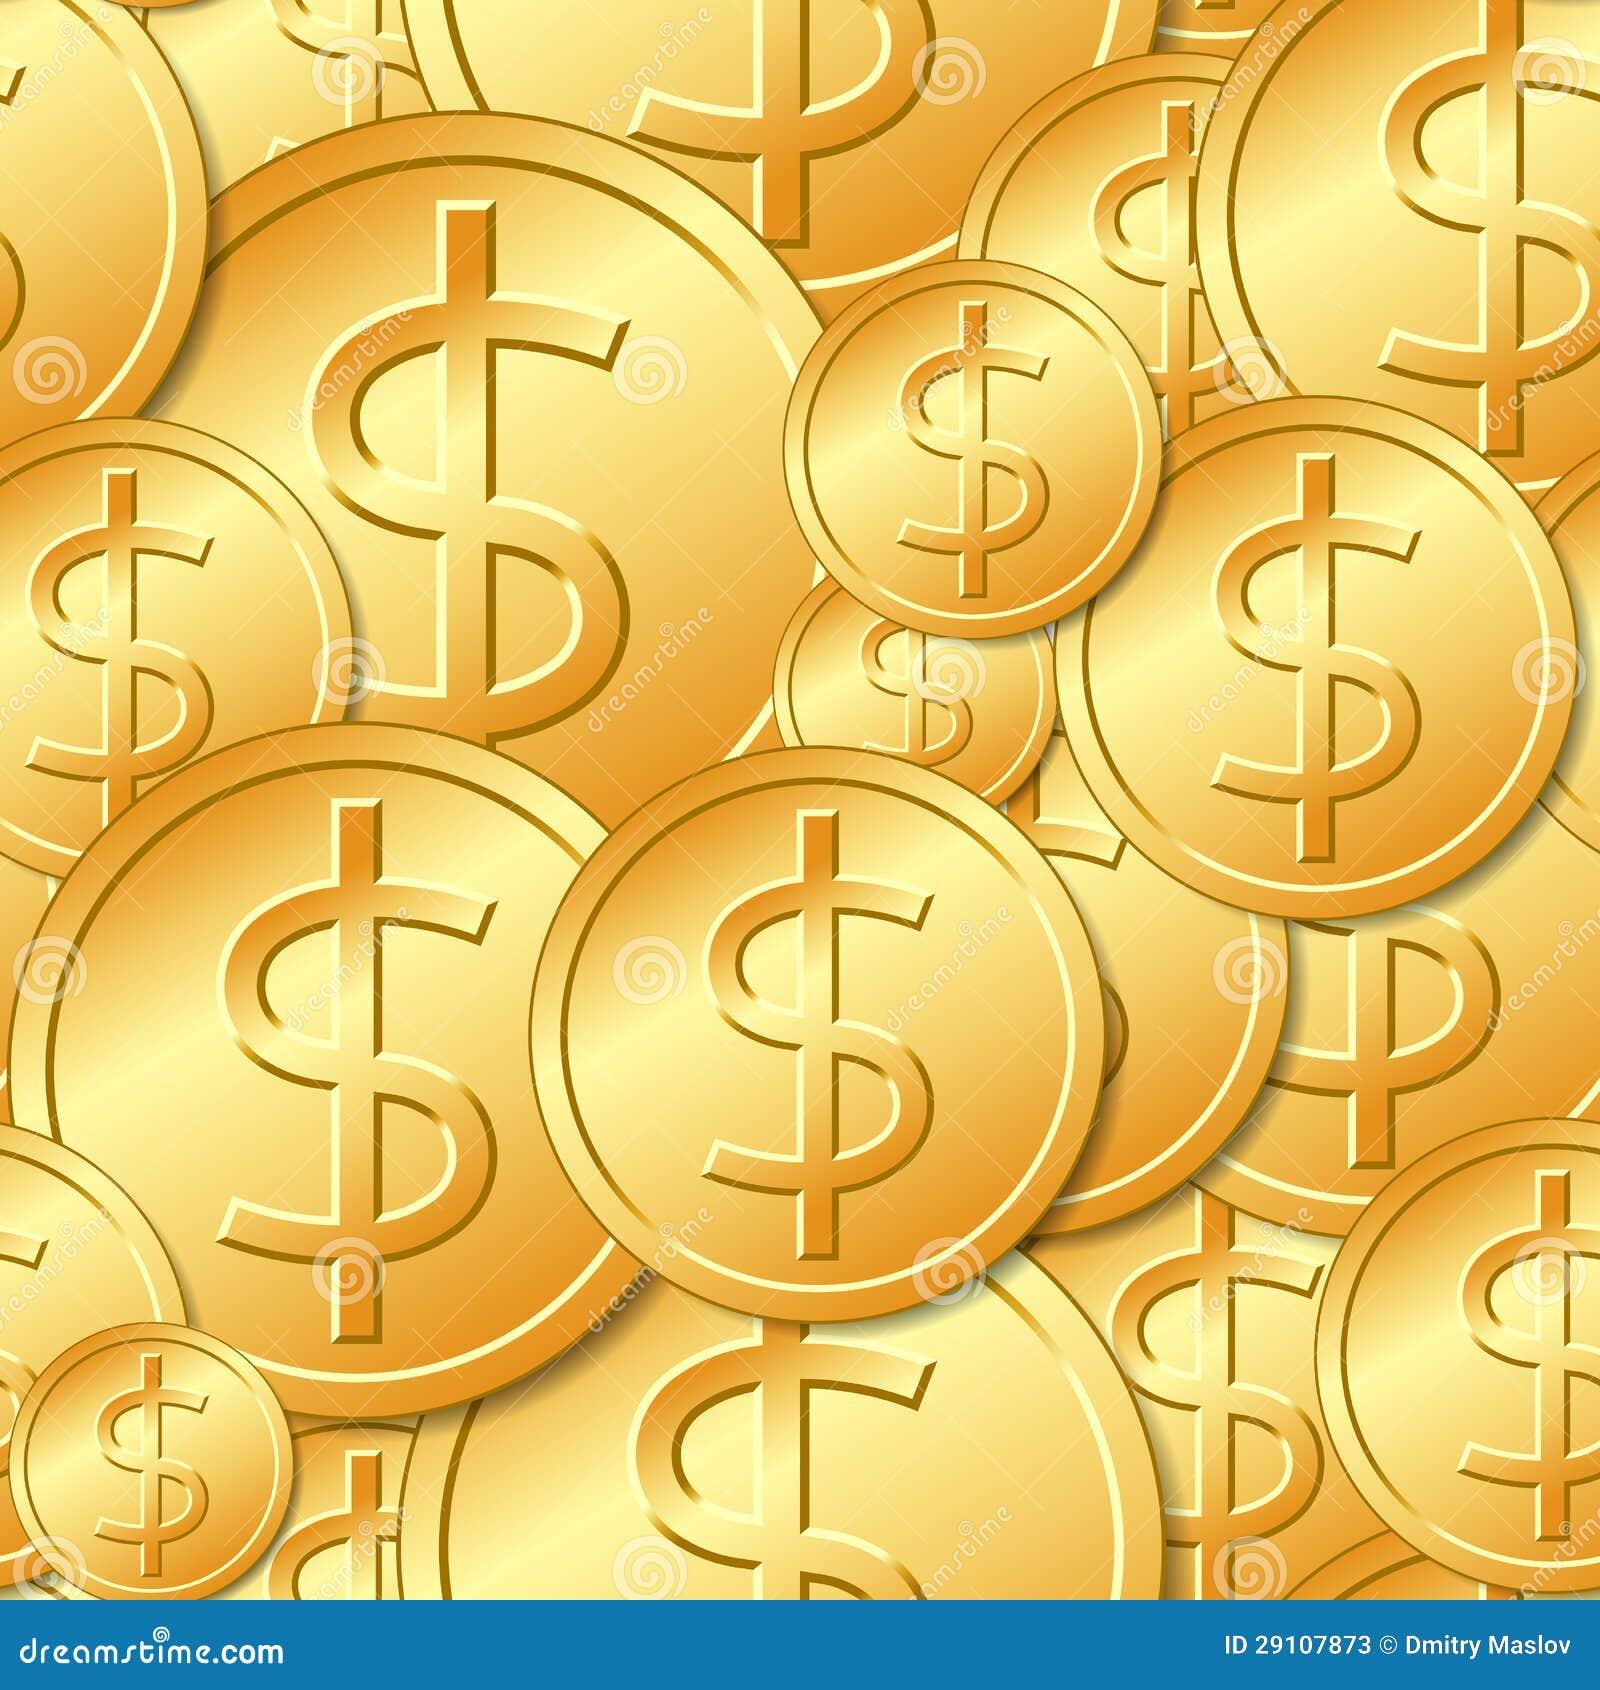 Nahtloses Golddollar Münzen Muster Vektor Abbildung Illustration